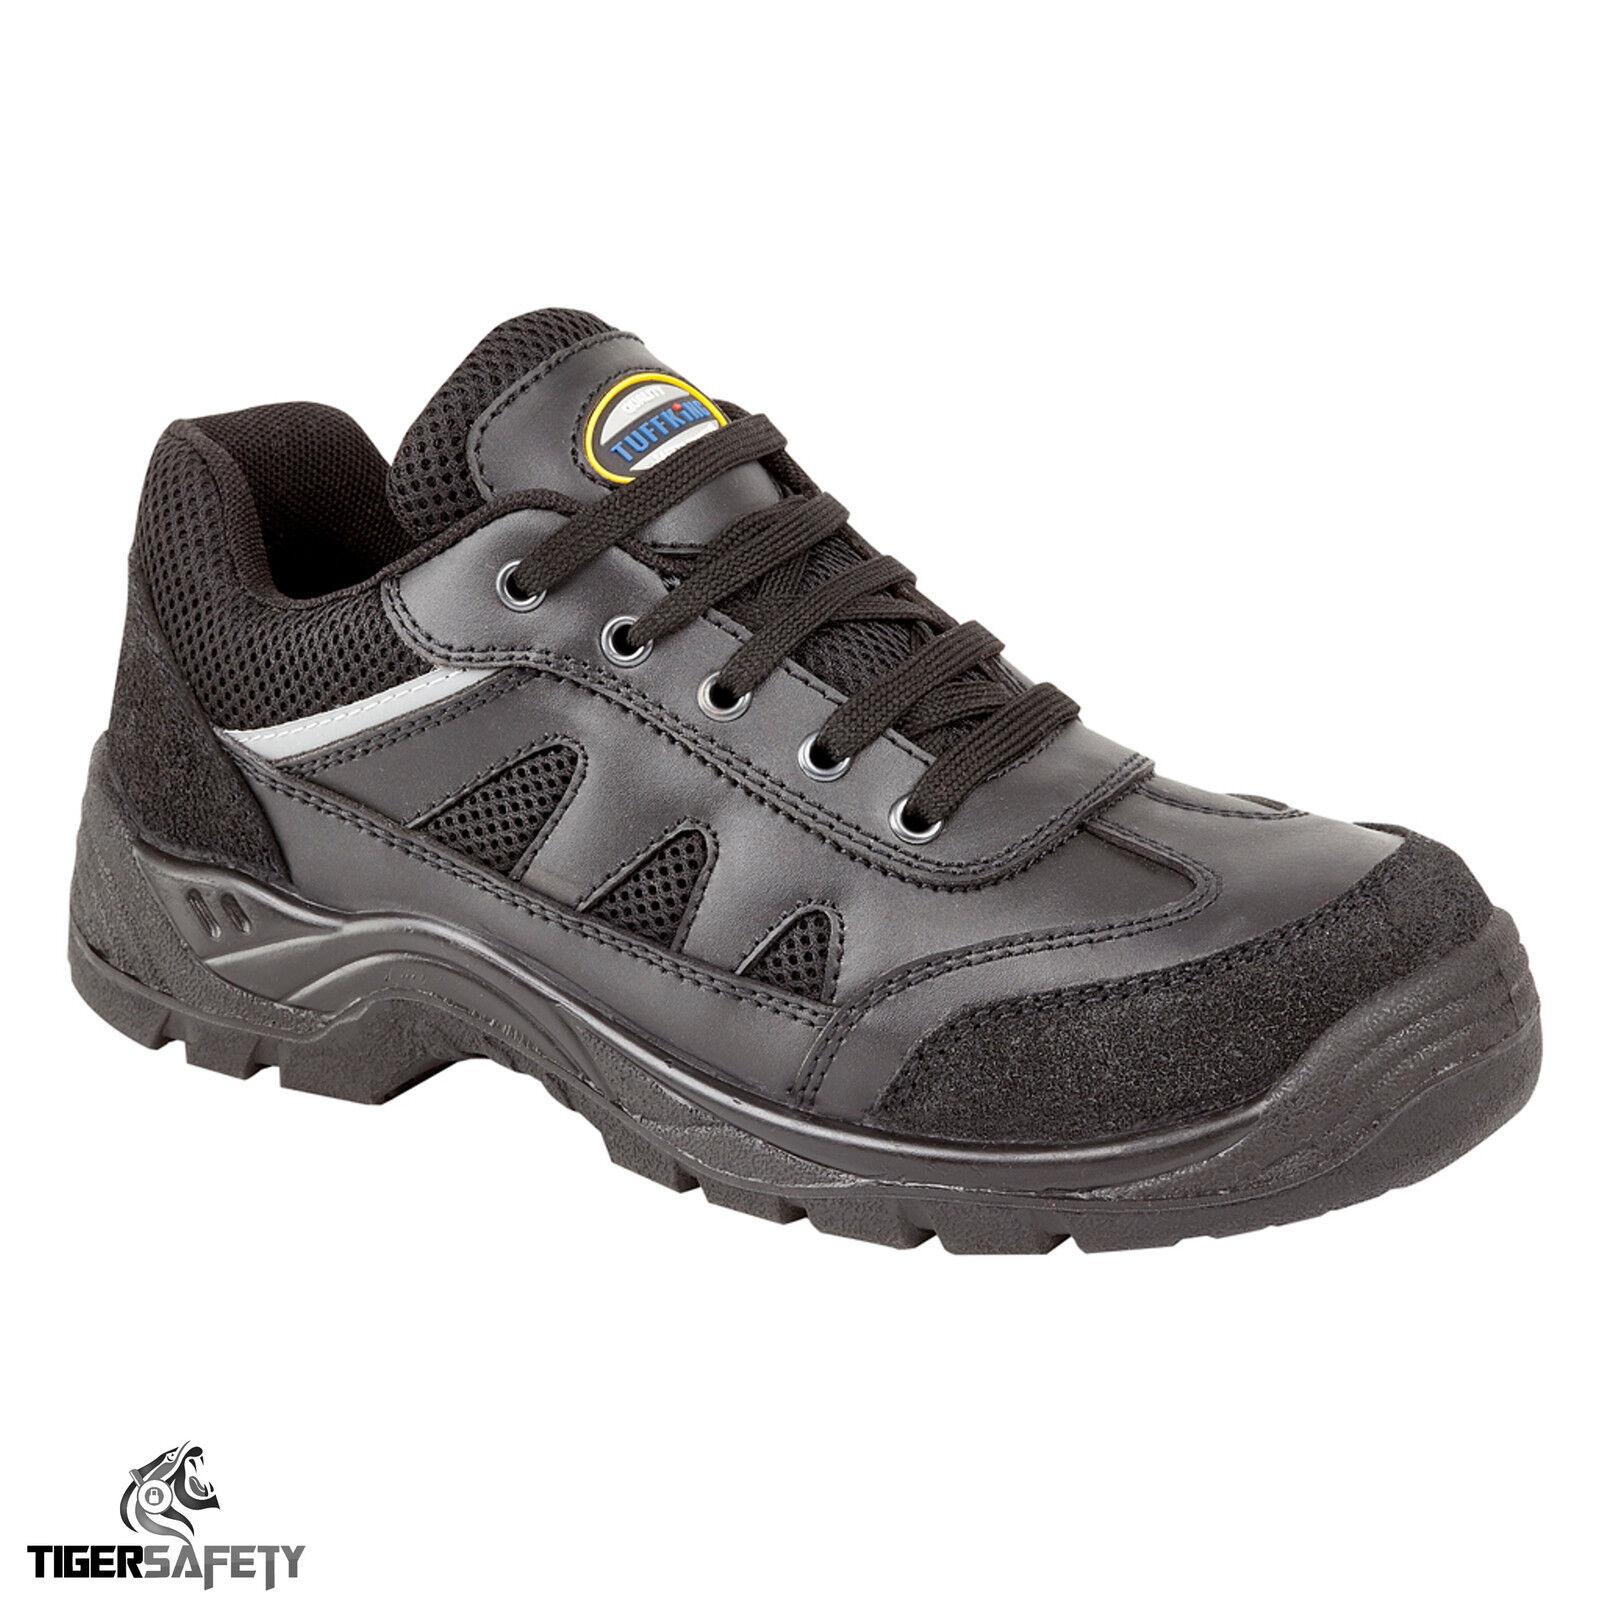 prezzo all'ingrosso Tuffking 9066 S1P Nera pelle Acciaio Punta di Sicurezza Scarpe Scarpe Scarpe da Lavoro Ppe  vendite online